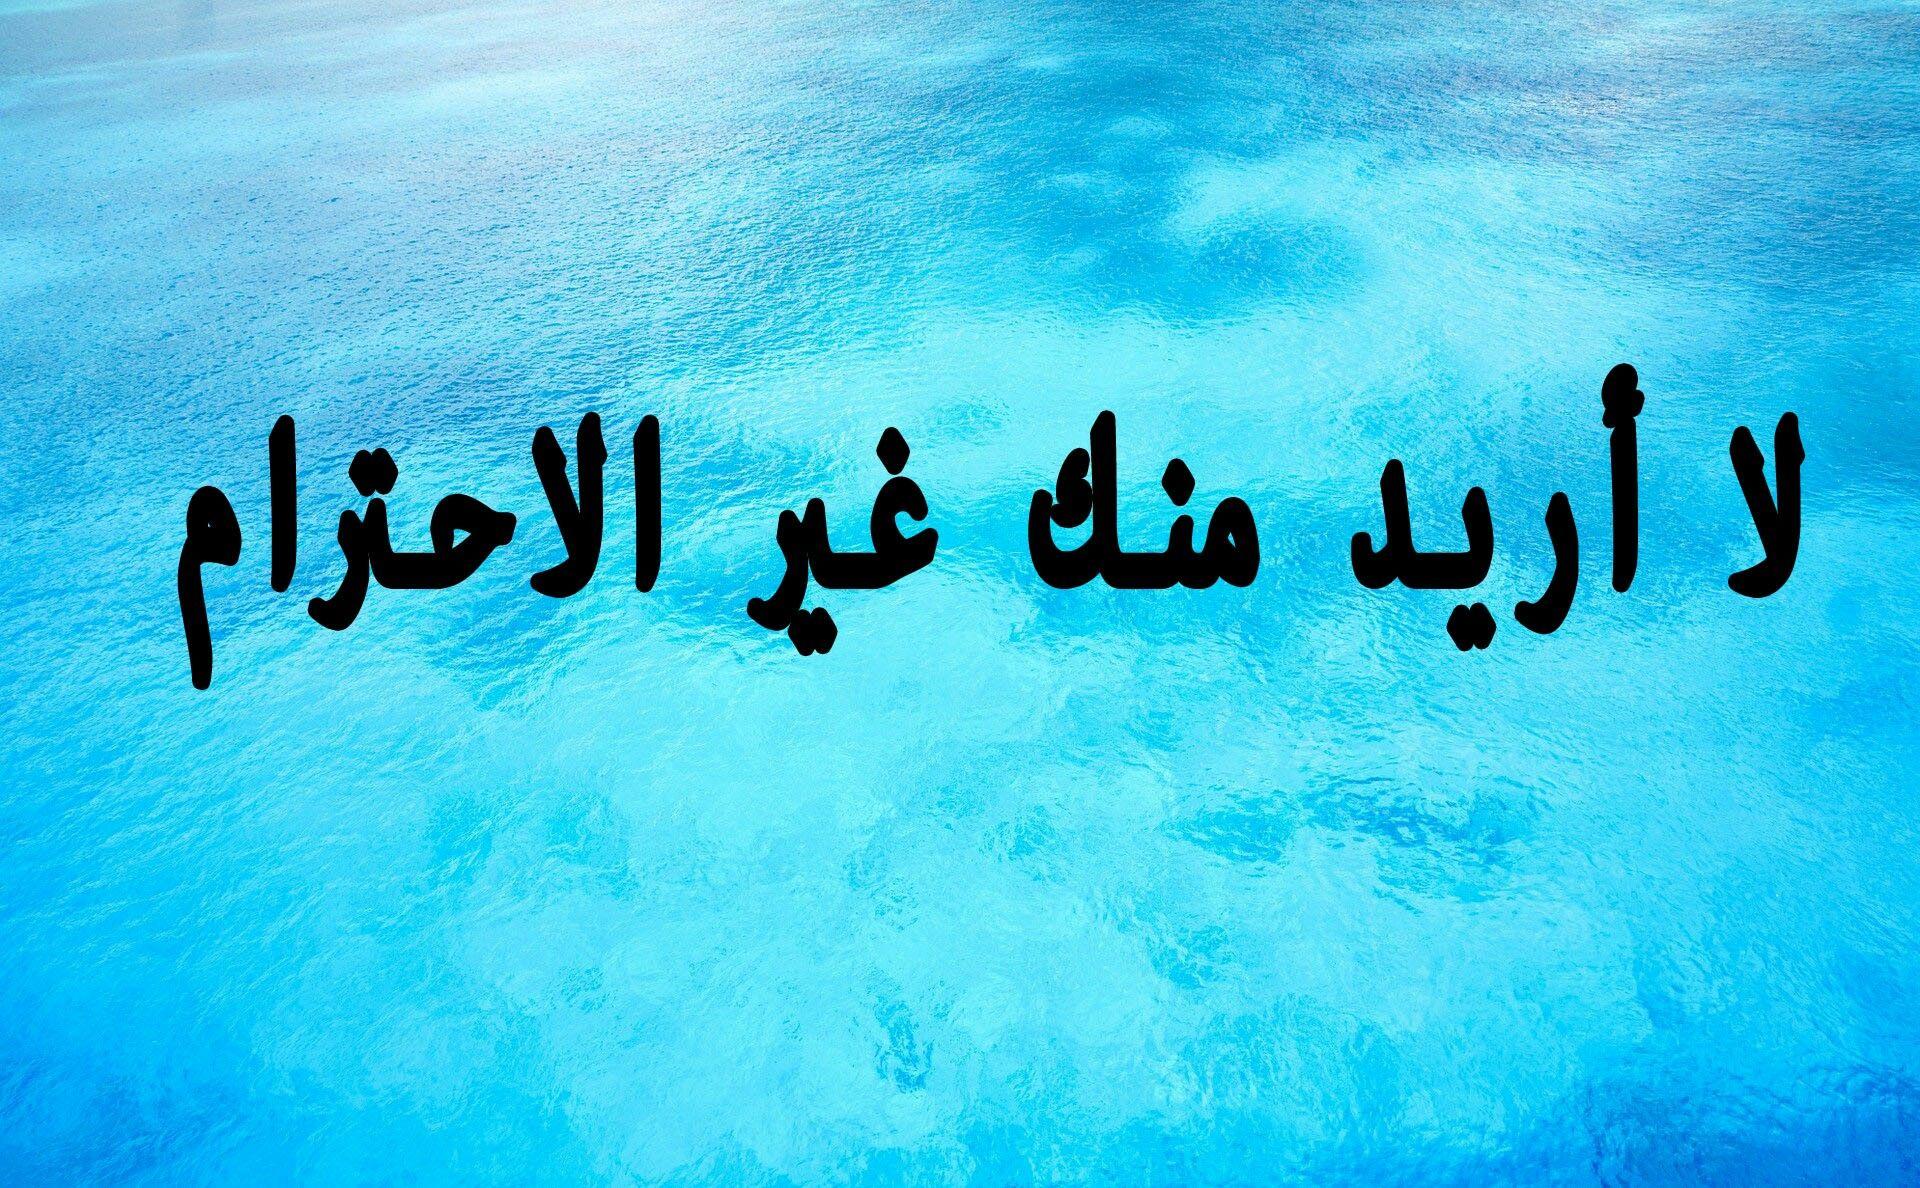 قيمة الاحترام في العلاقات Calligraphy Arabic Calligraphy Arabic